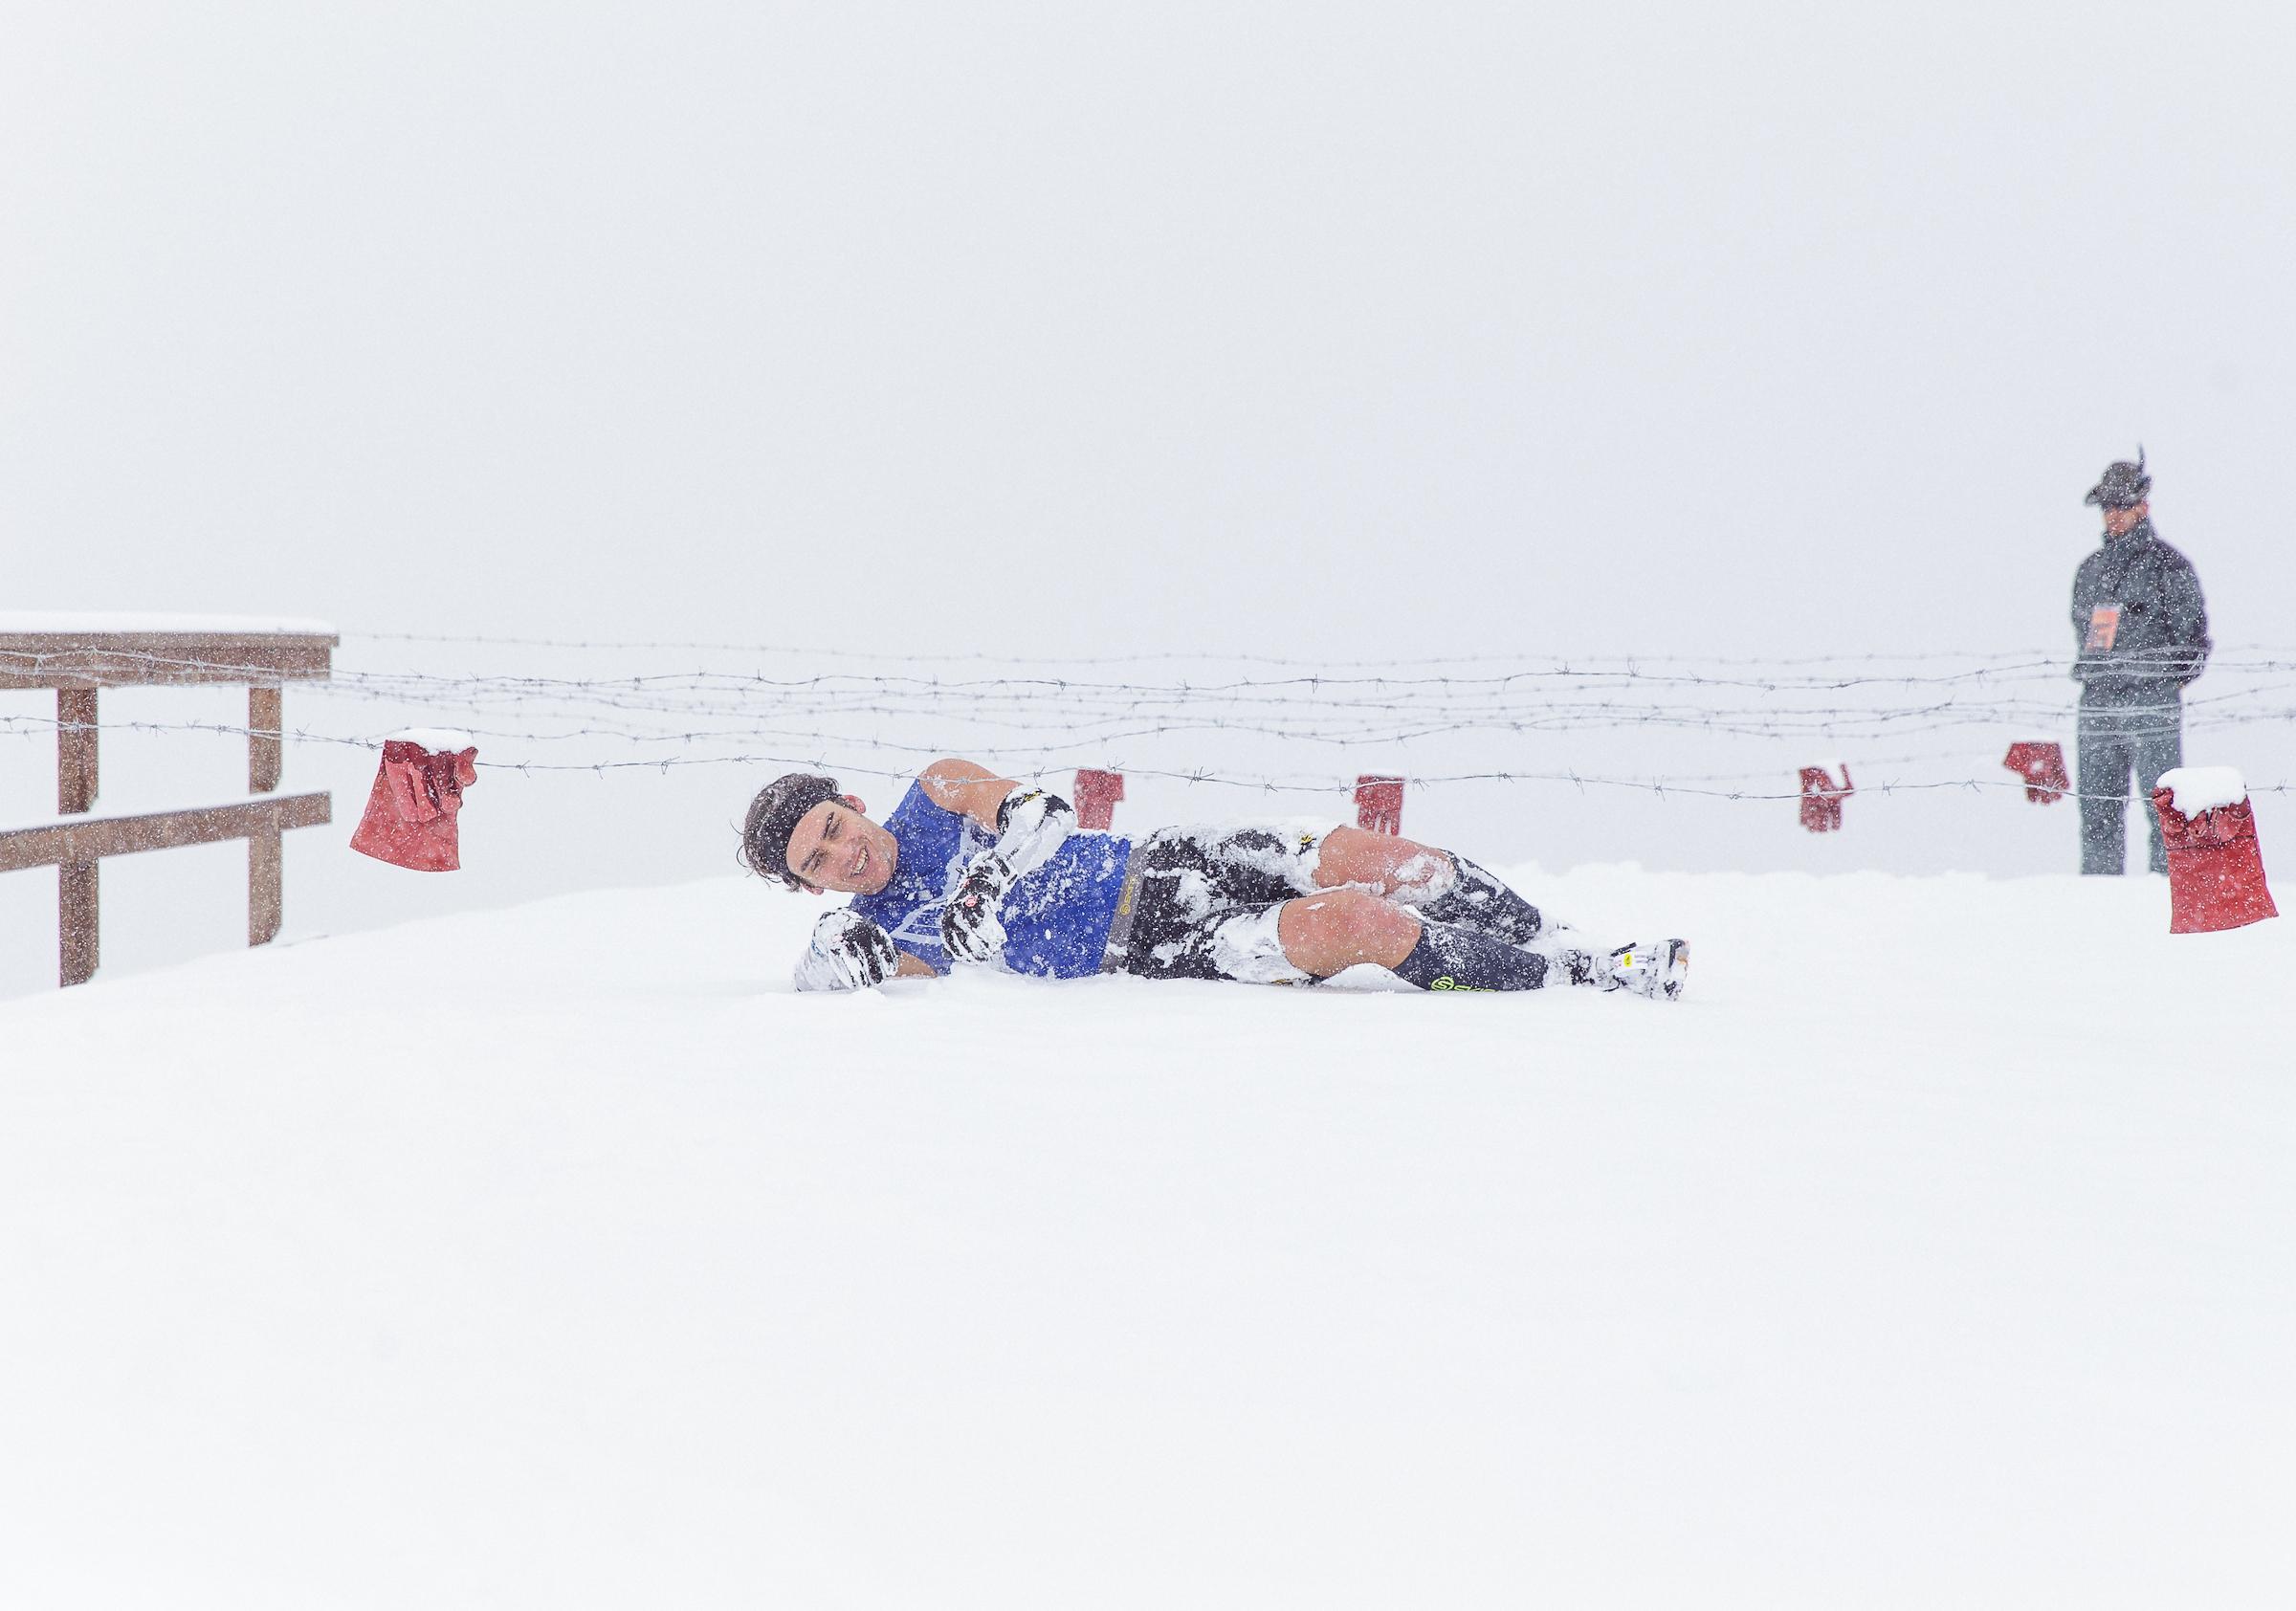 Inferno Snow 2021 confermata: si corre il 13 marzo all'Alpe Cimbra